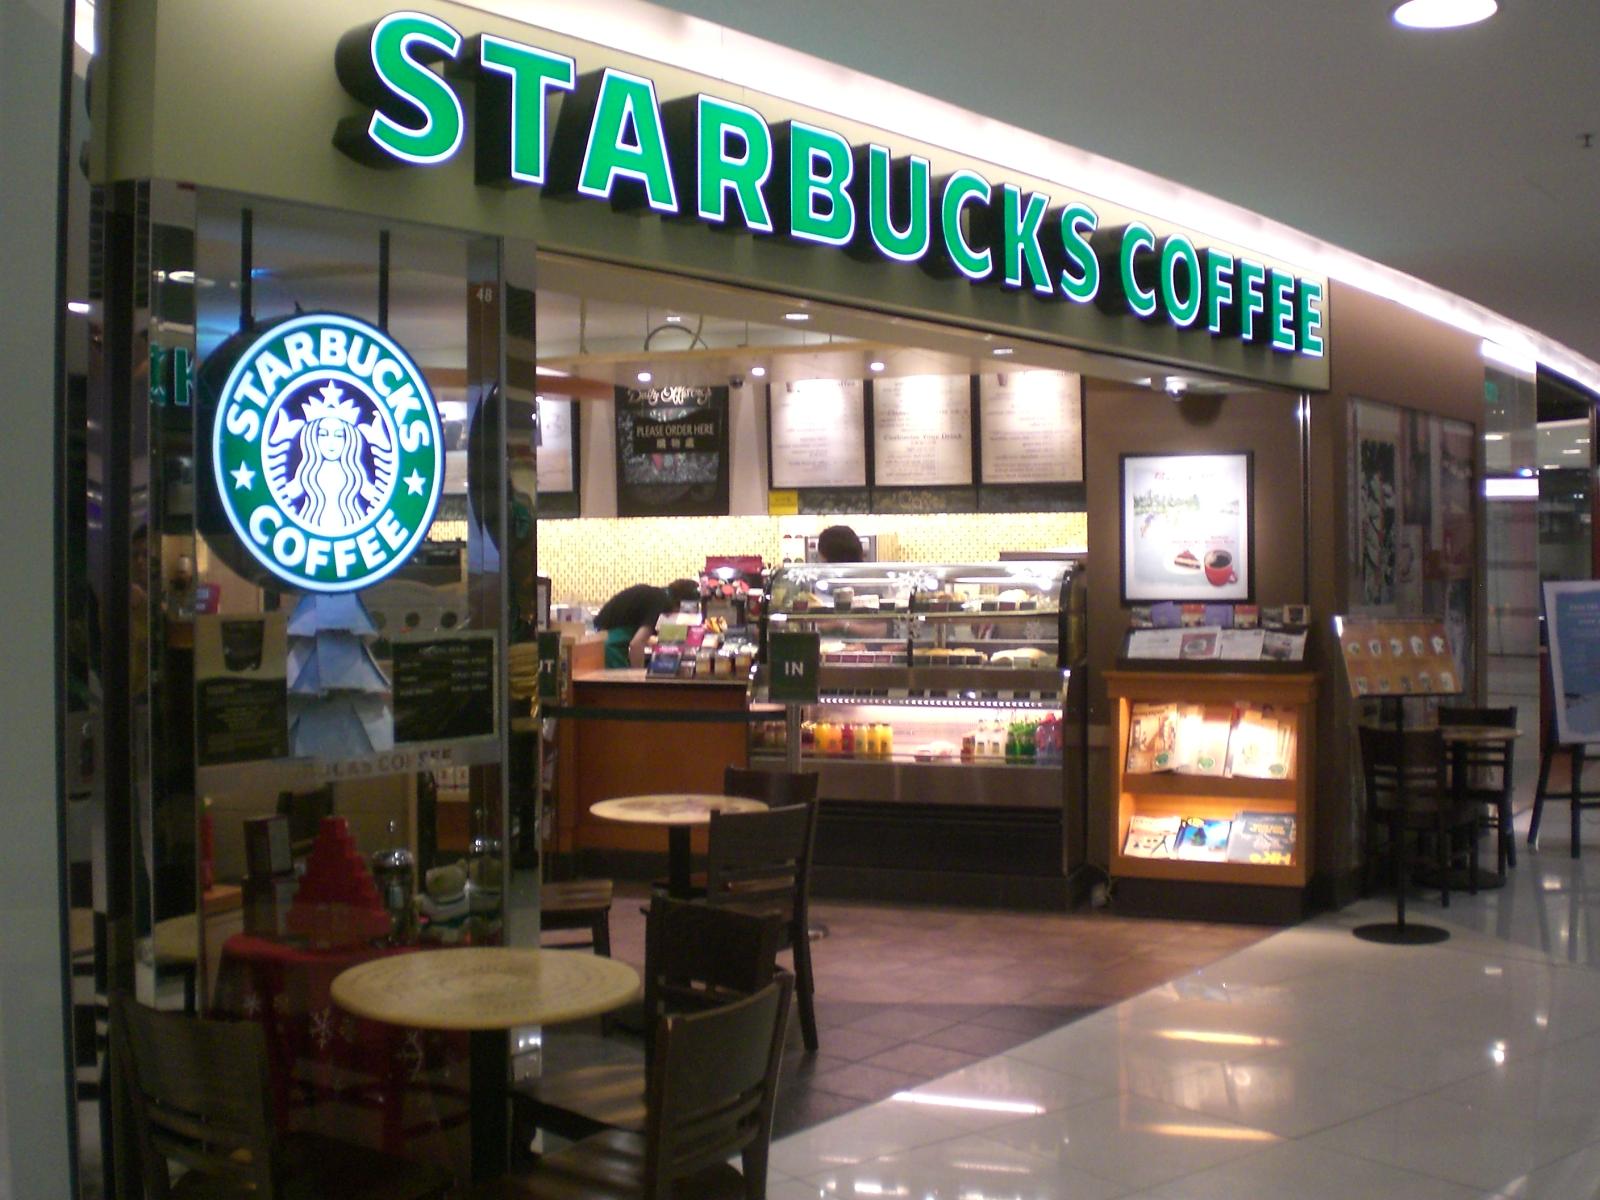 Starbucks Cafe HK_Kln_Bay_EMAX_Starbucks_Coffee